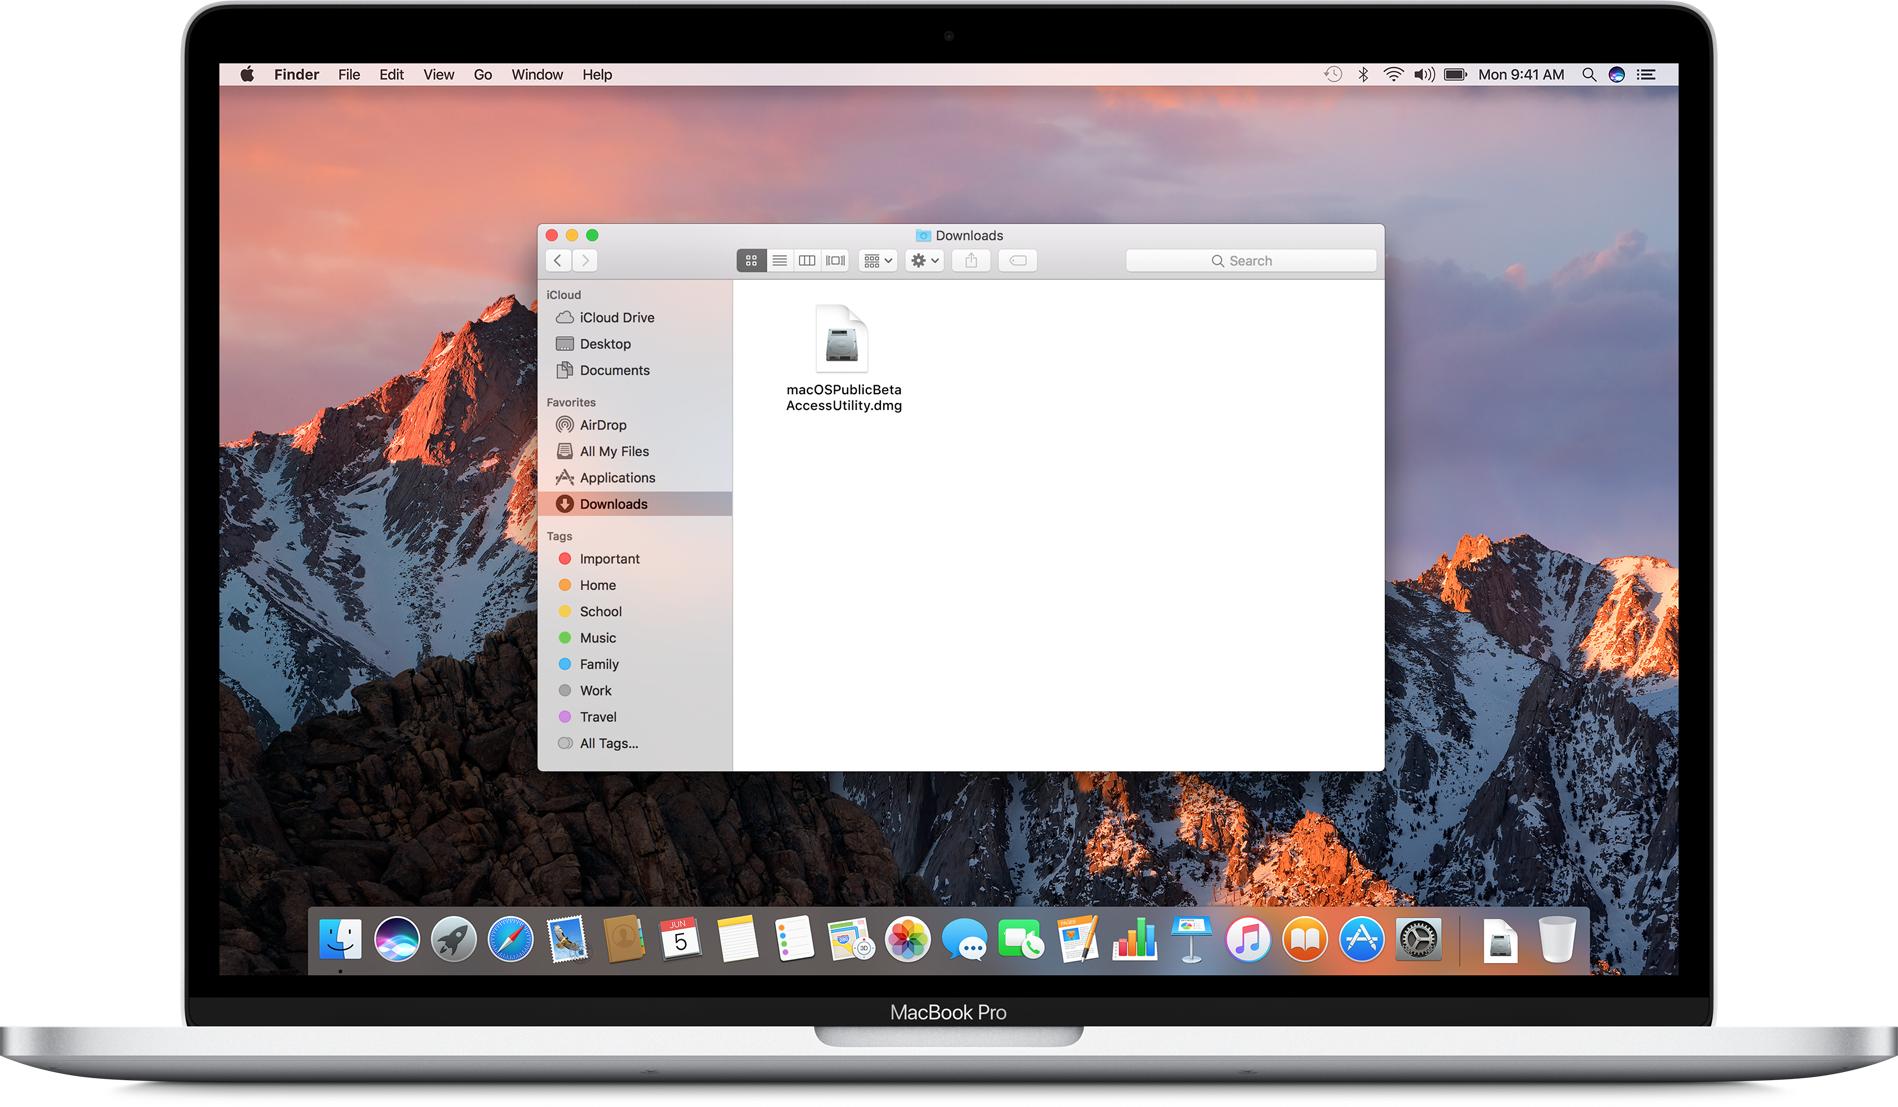 Instalando o utilitário do macOS High Sierra beta